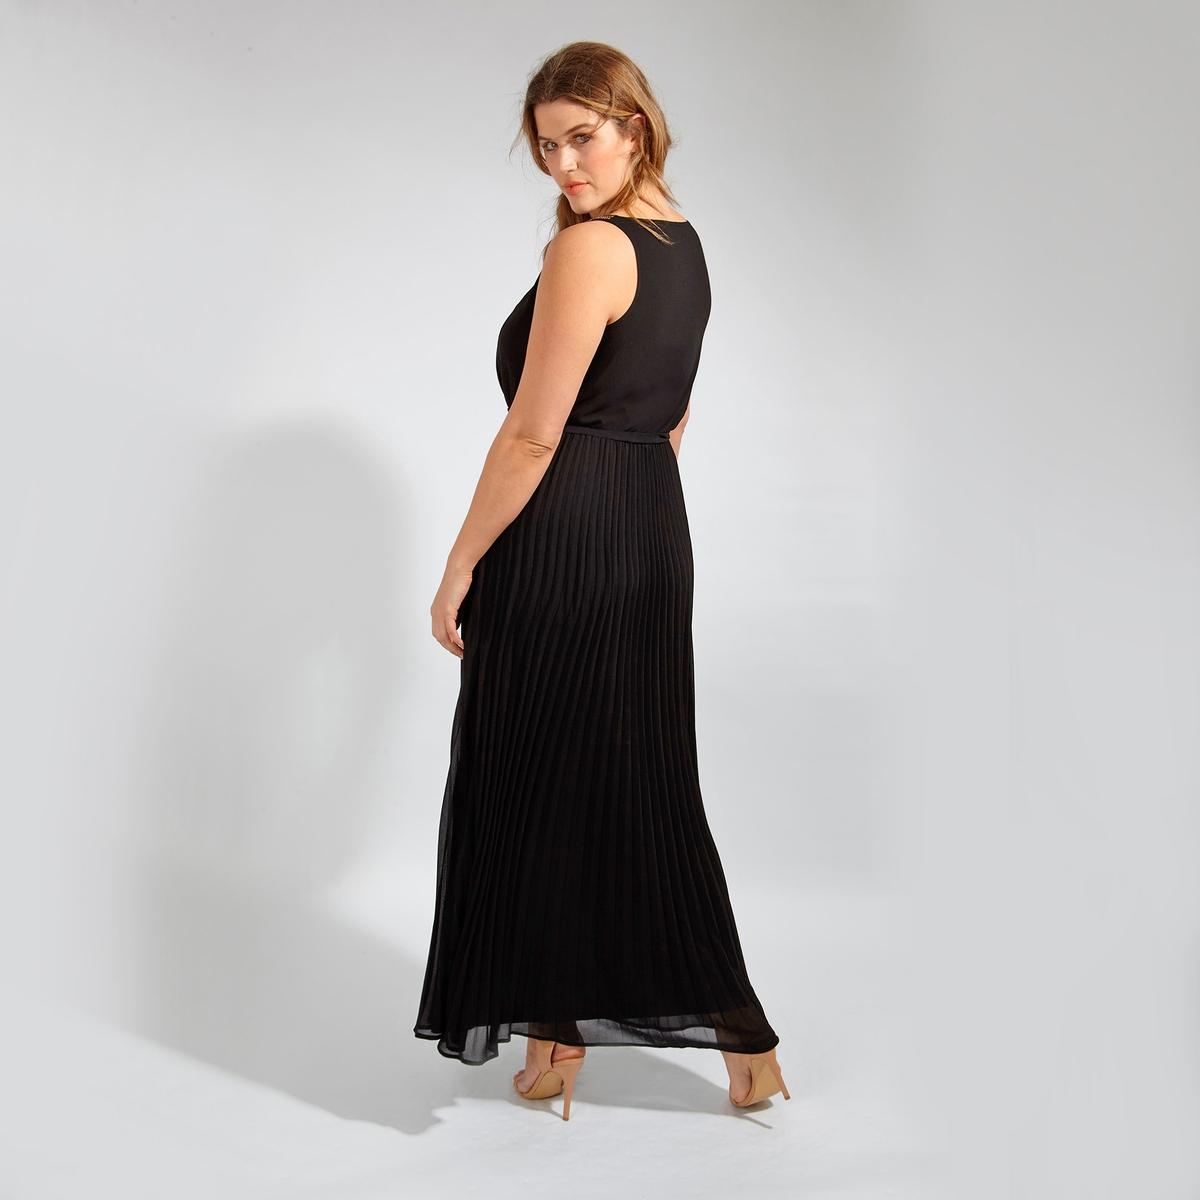 Платье длинноеДлинное платье LOVEDROBE без рукавов. Завязки на поясе. Юбка с эффектом плиссе. Оригинальные детали из бисера на бретелях. 100% полиэстер<br><br>Цвет: черный<br>Размер: 48 (FR) - 54 (RUS)